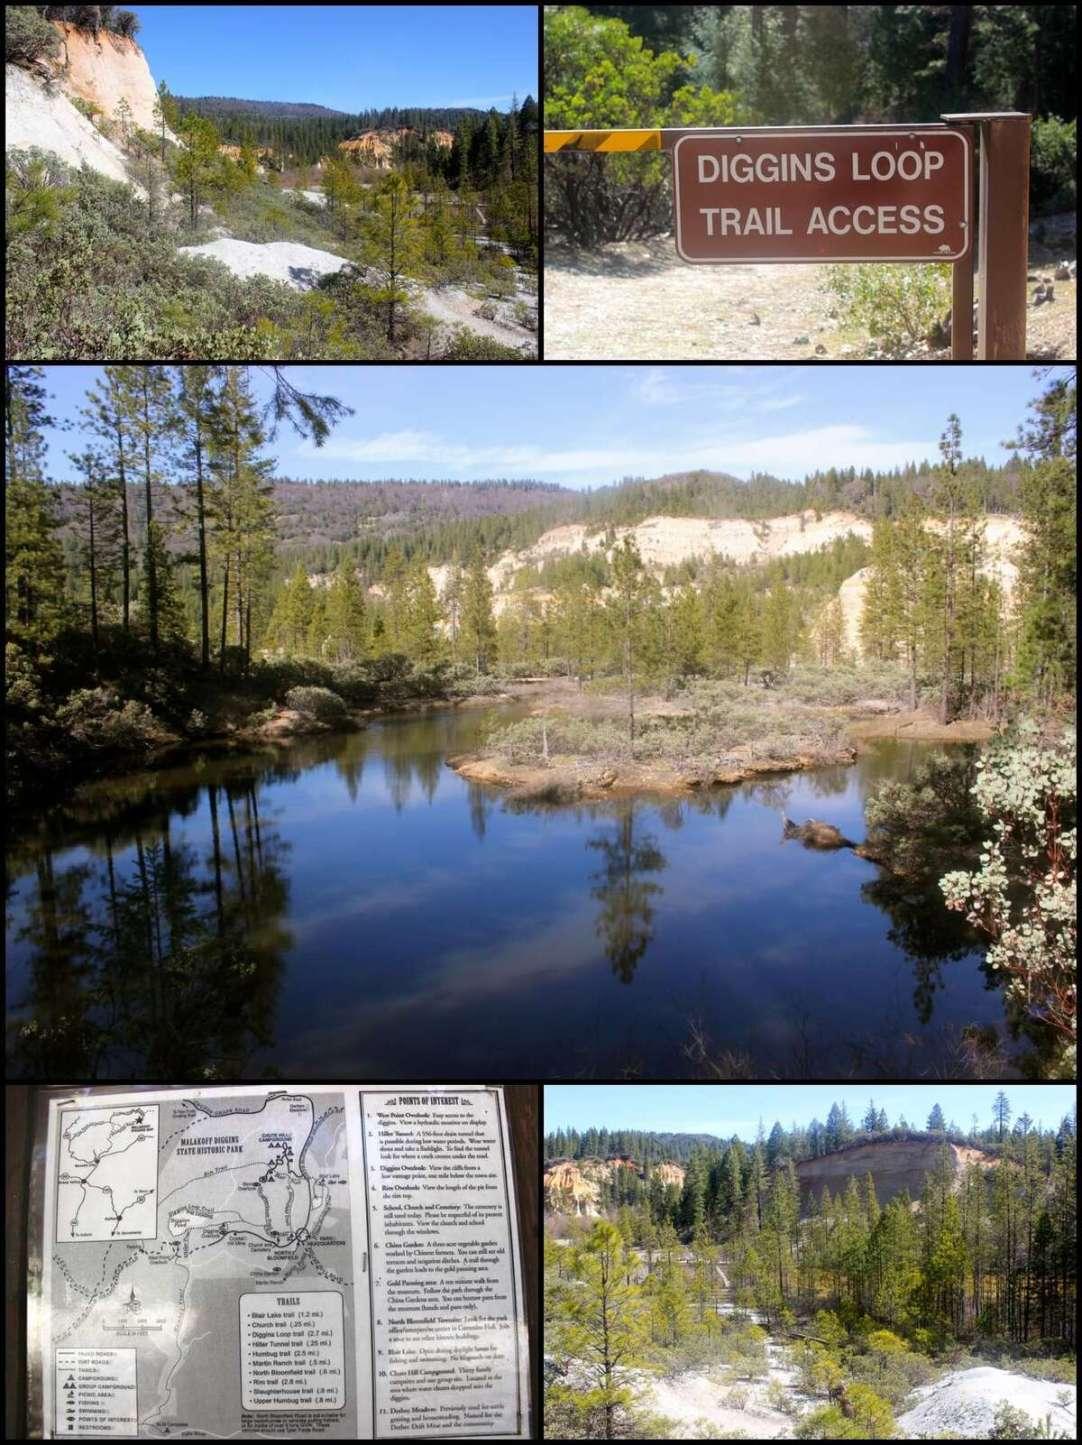 Nevada City Gold Mining Malakoff Diggins Loop Trail